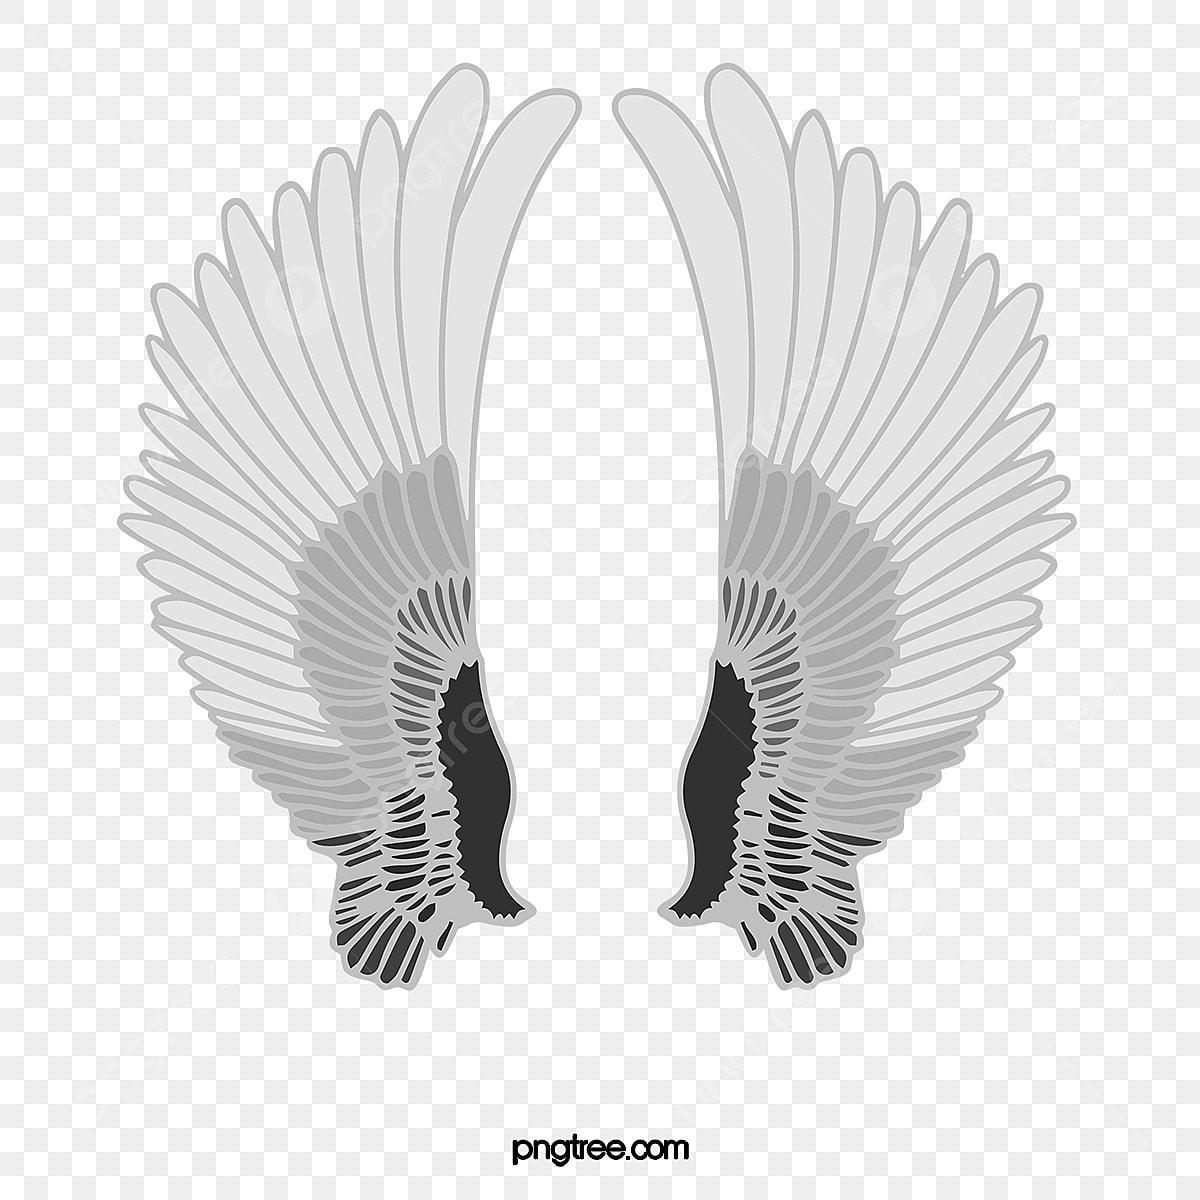 無料ダウンロードのための天使の羽素材 白い羽根 天使の翼 羽png画像素材